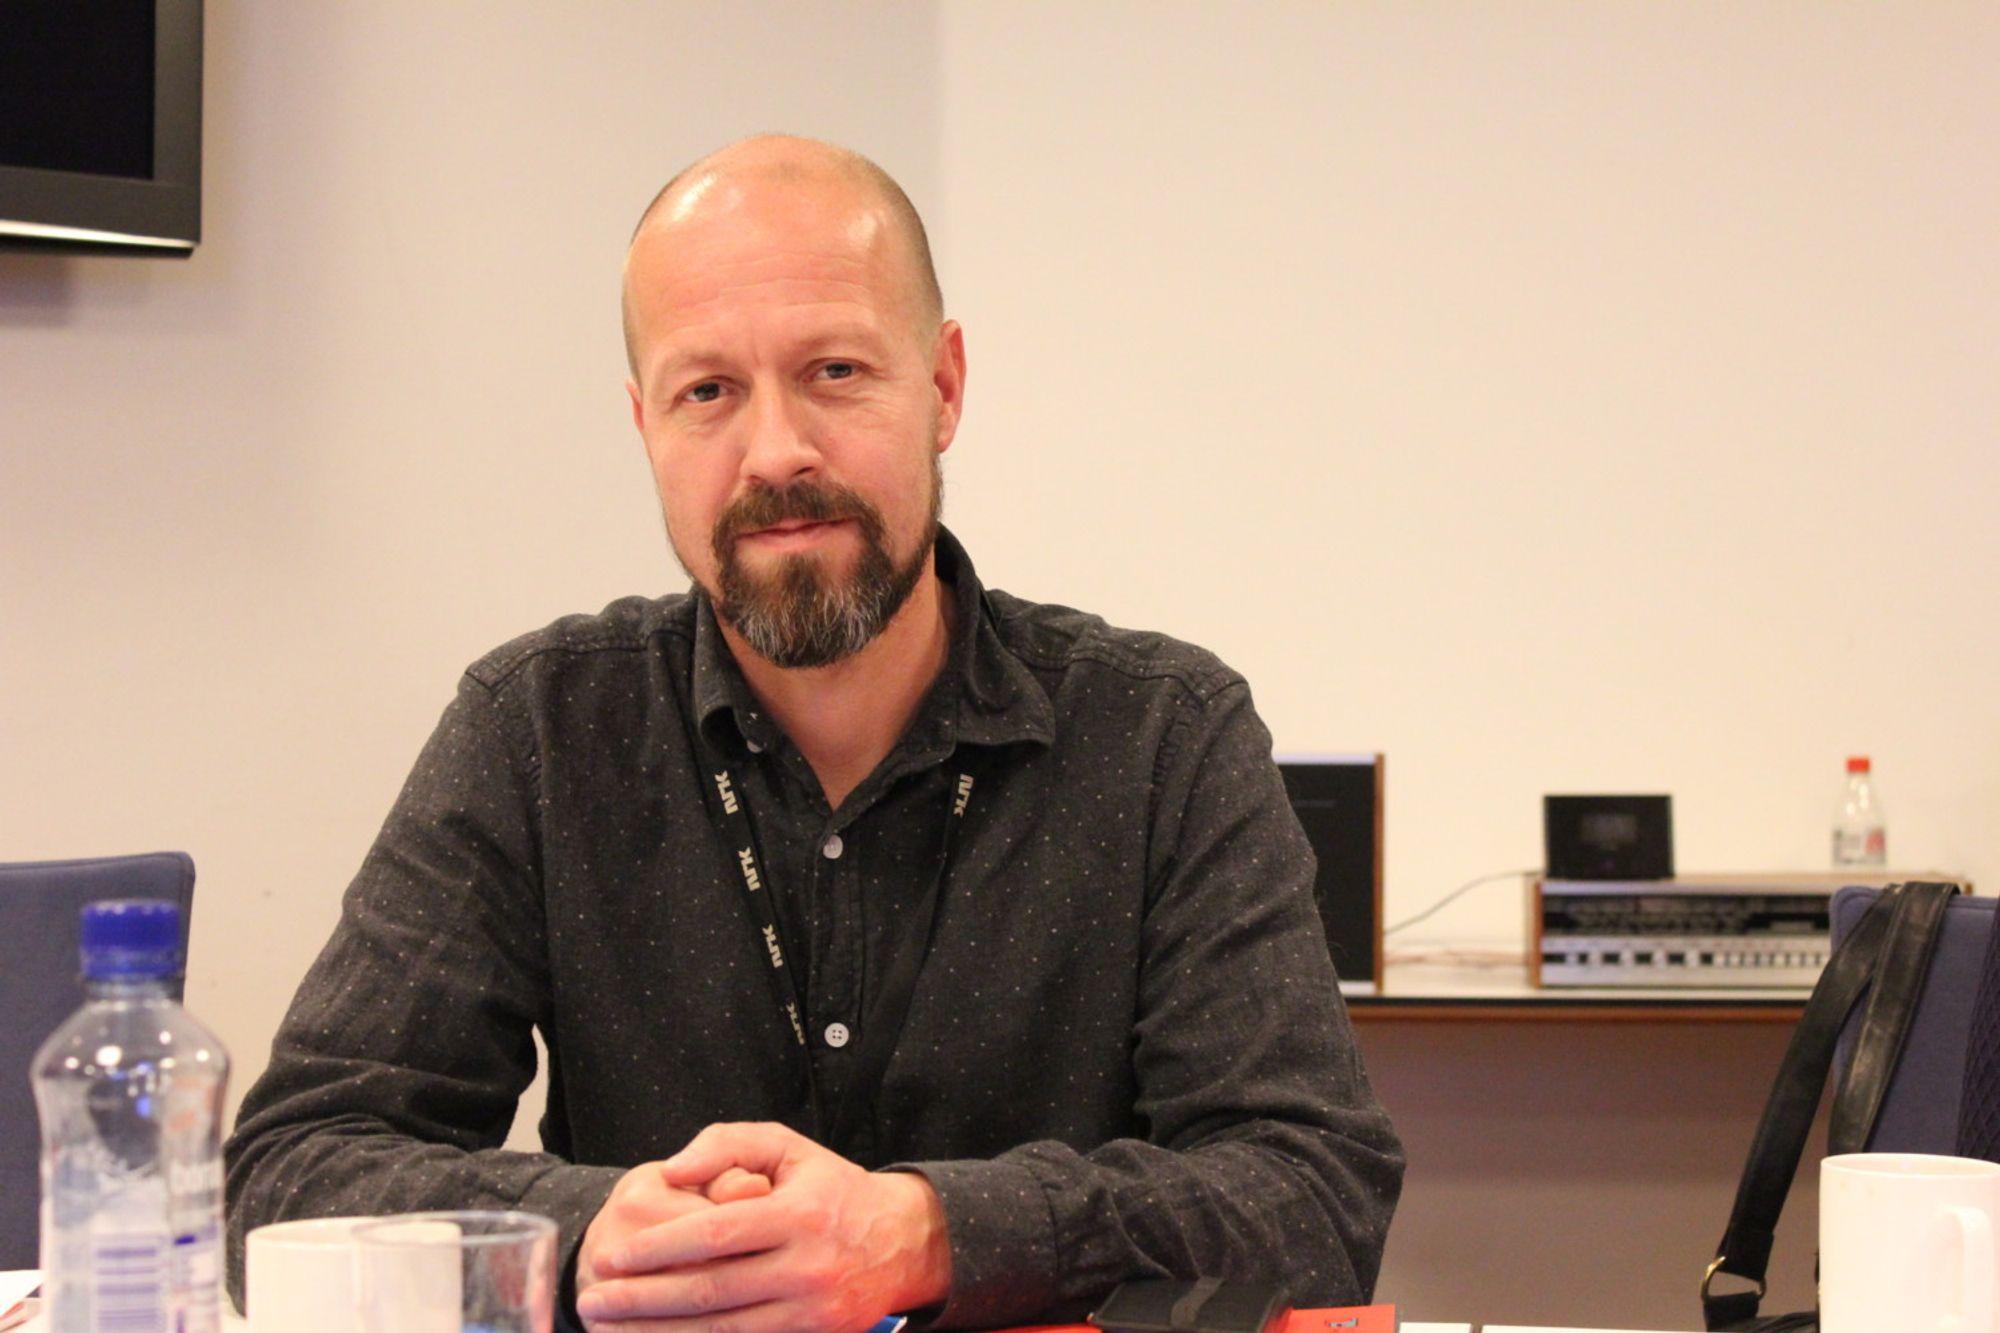 EtikkredaktørPer Arne Kalbakk i NRK.